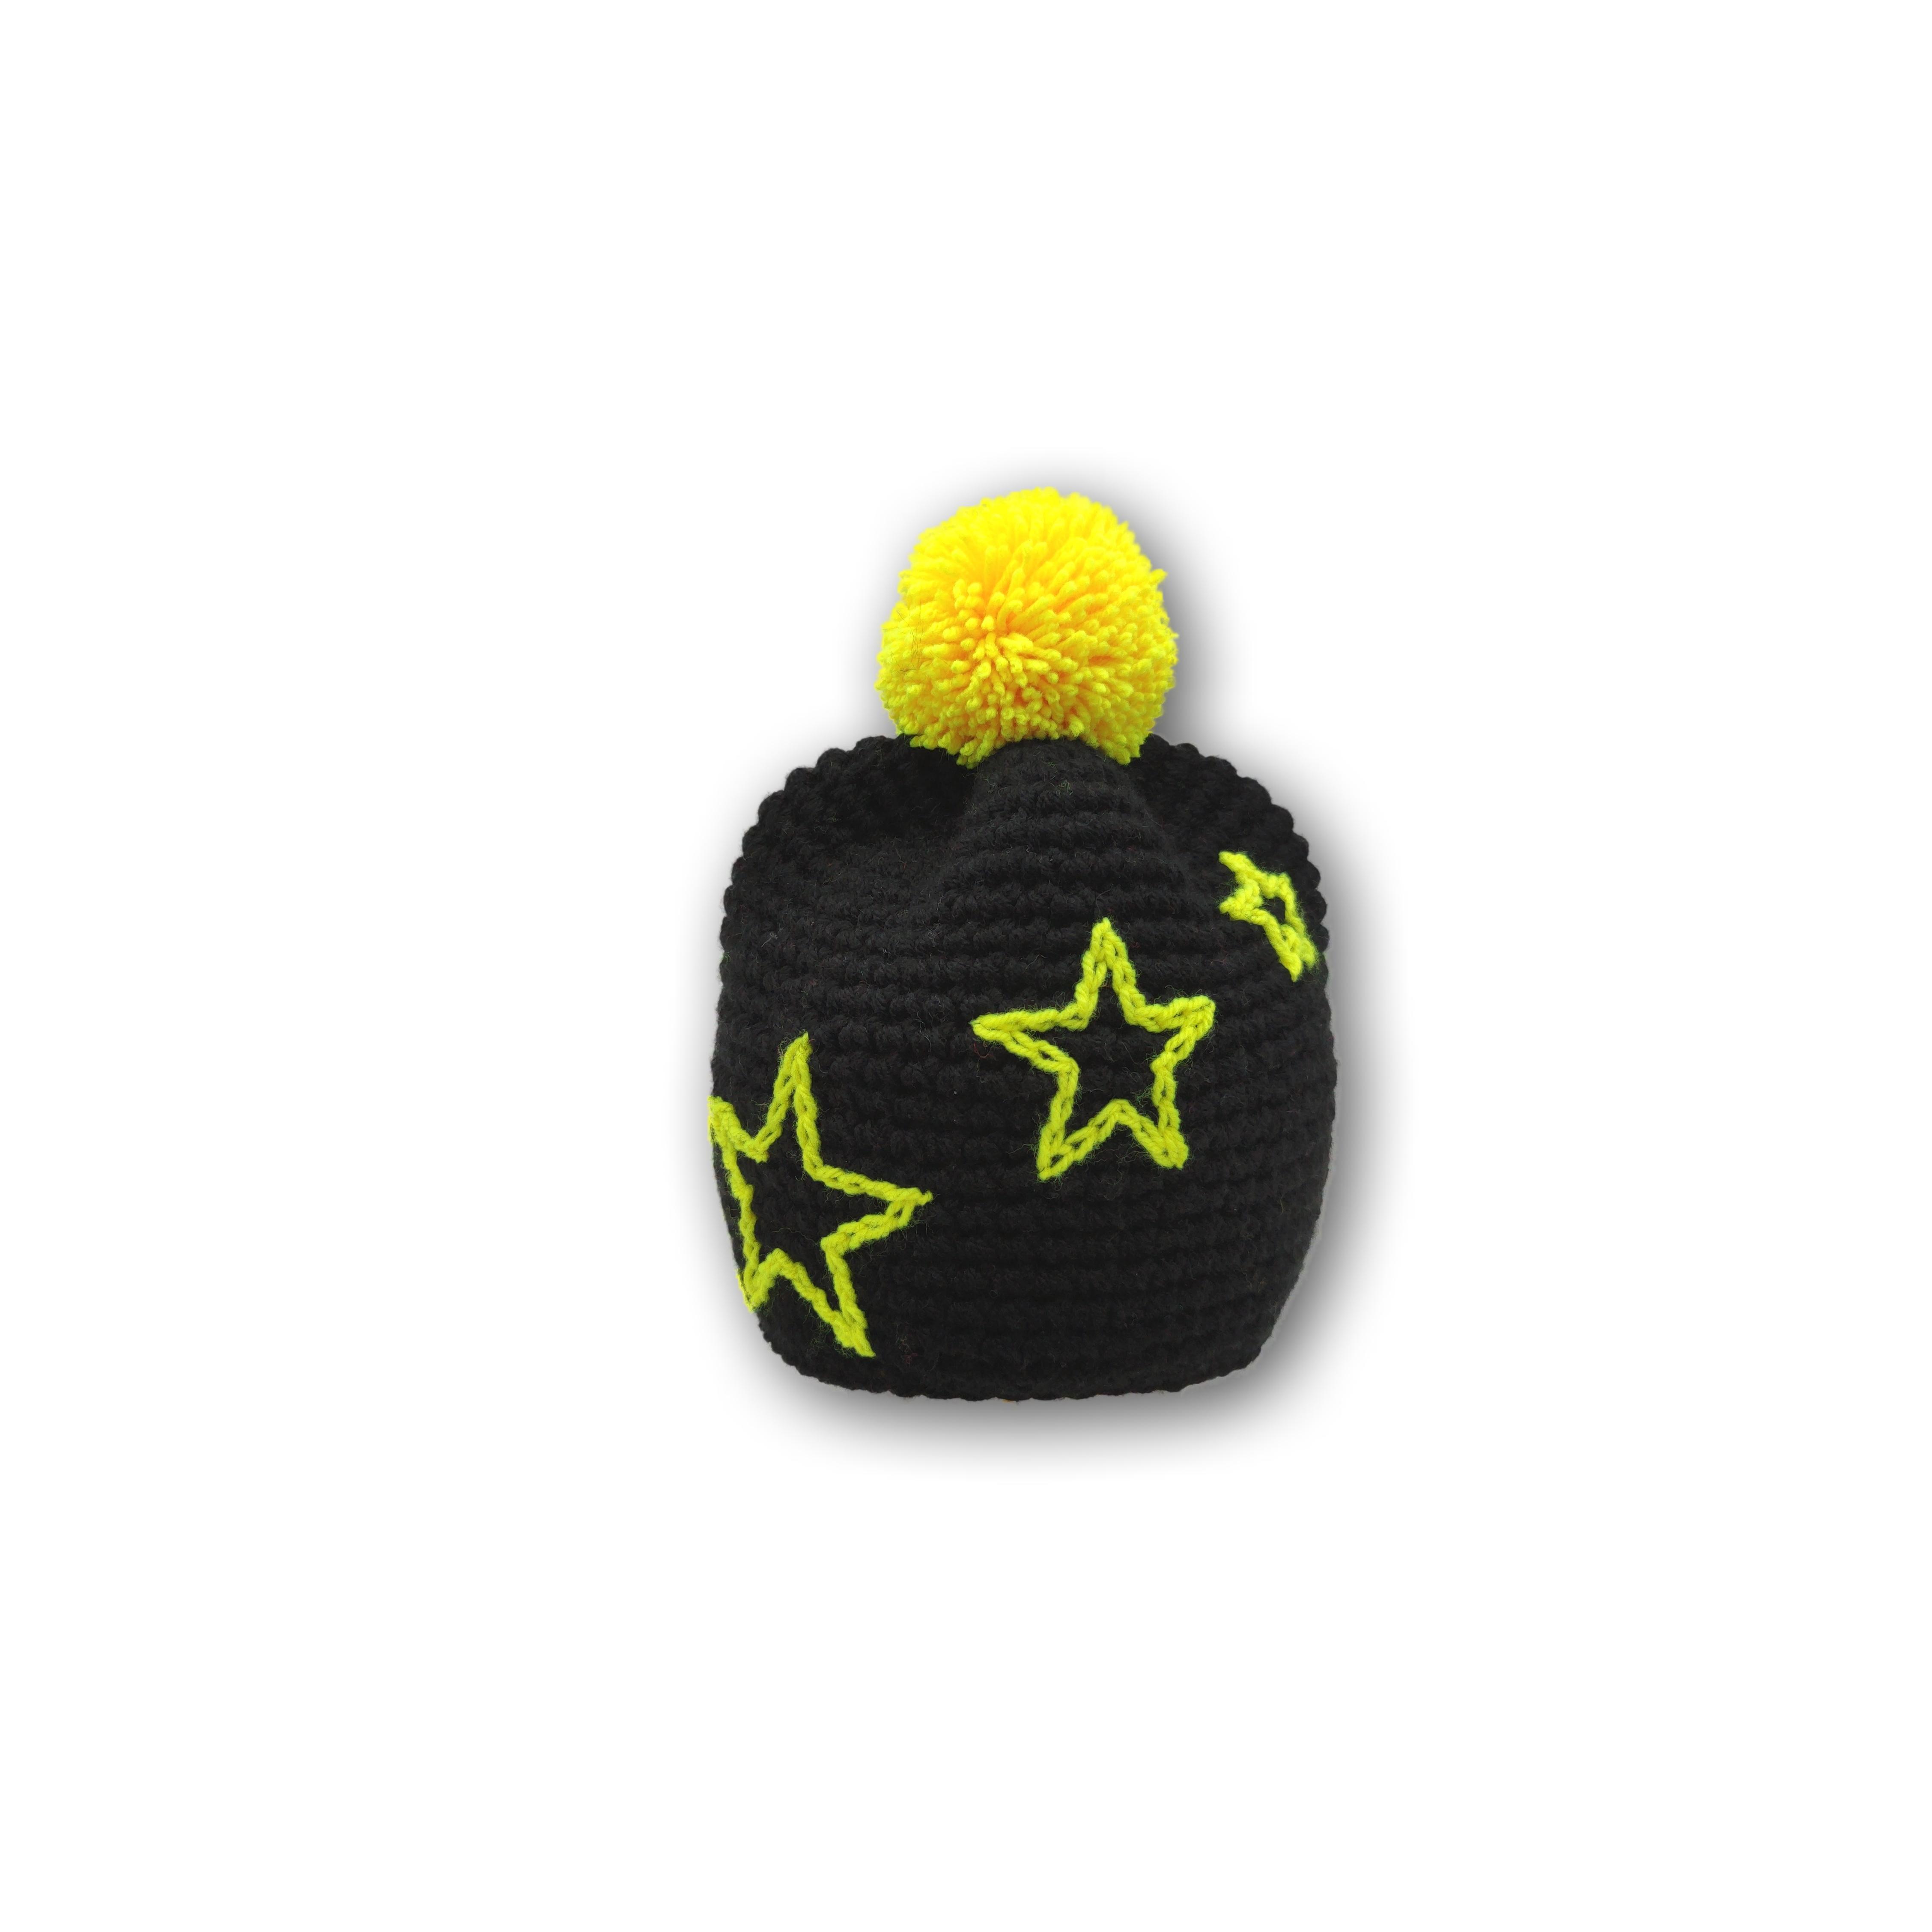 bommel mütze gehäkelt mit sternen